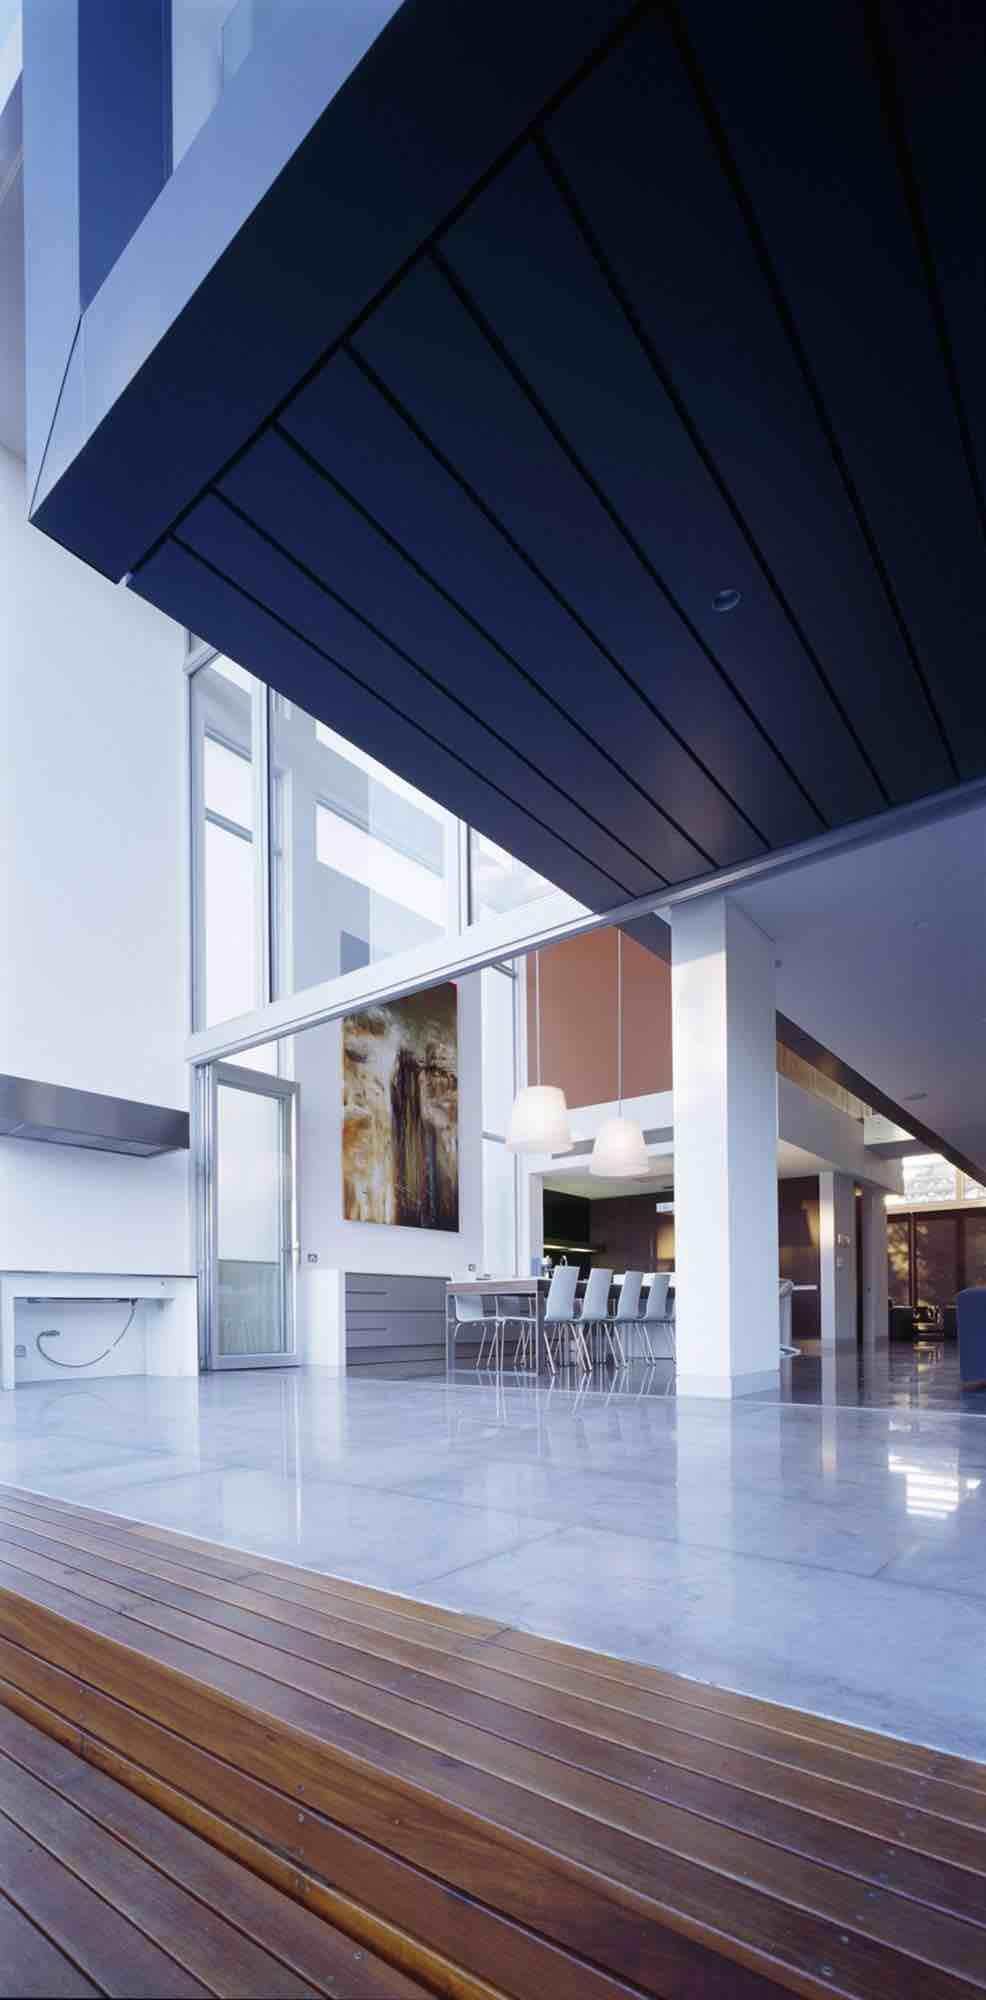 minosa-design-open-plan-high-ceiling-void-large-dinning-table-corian-benchtop-minosa-kitchen-gilda-09